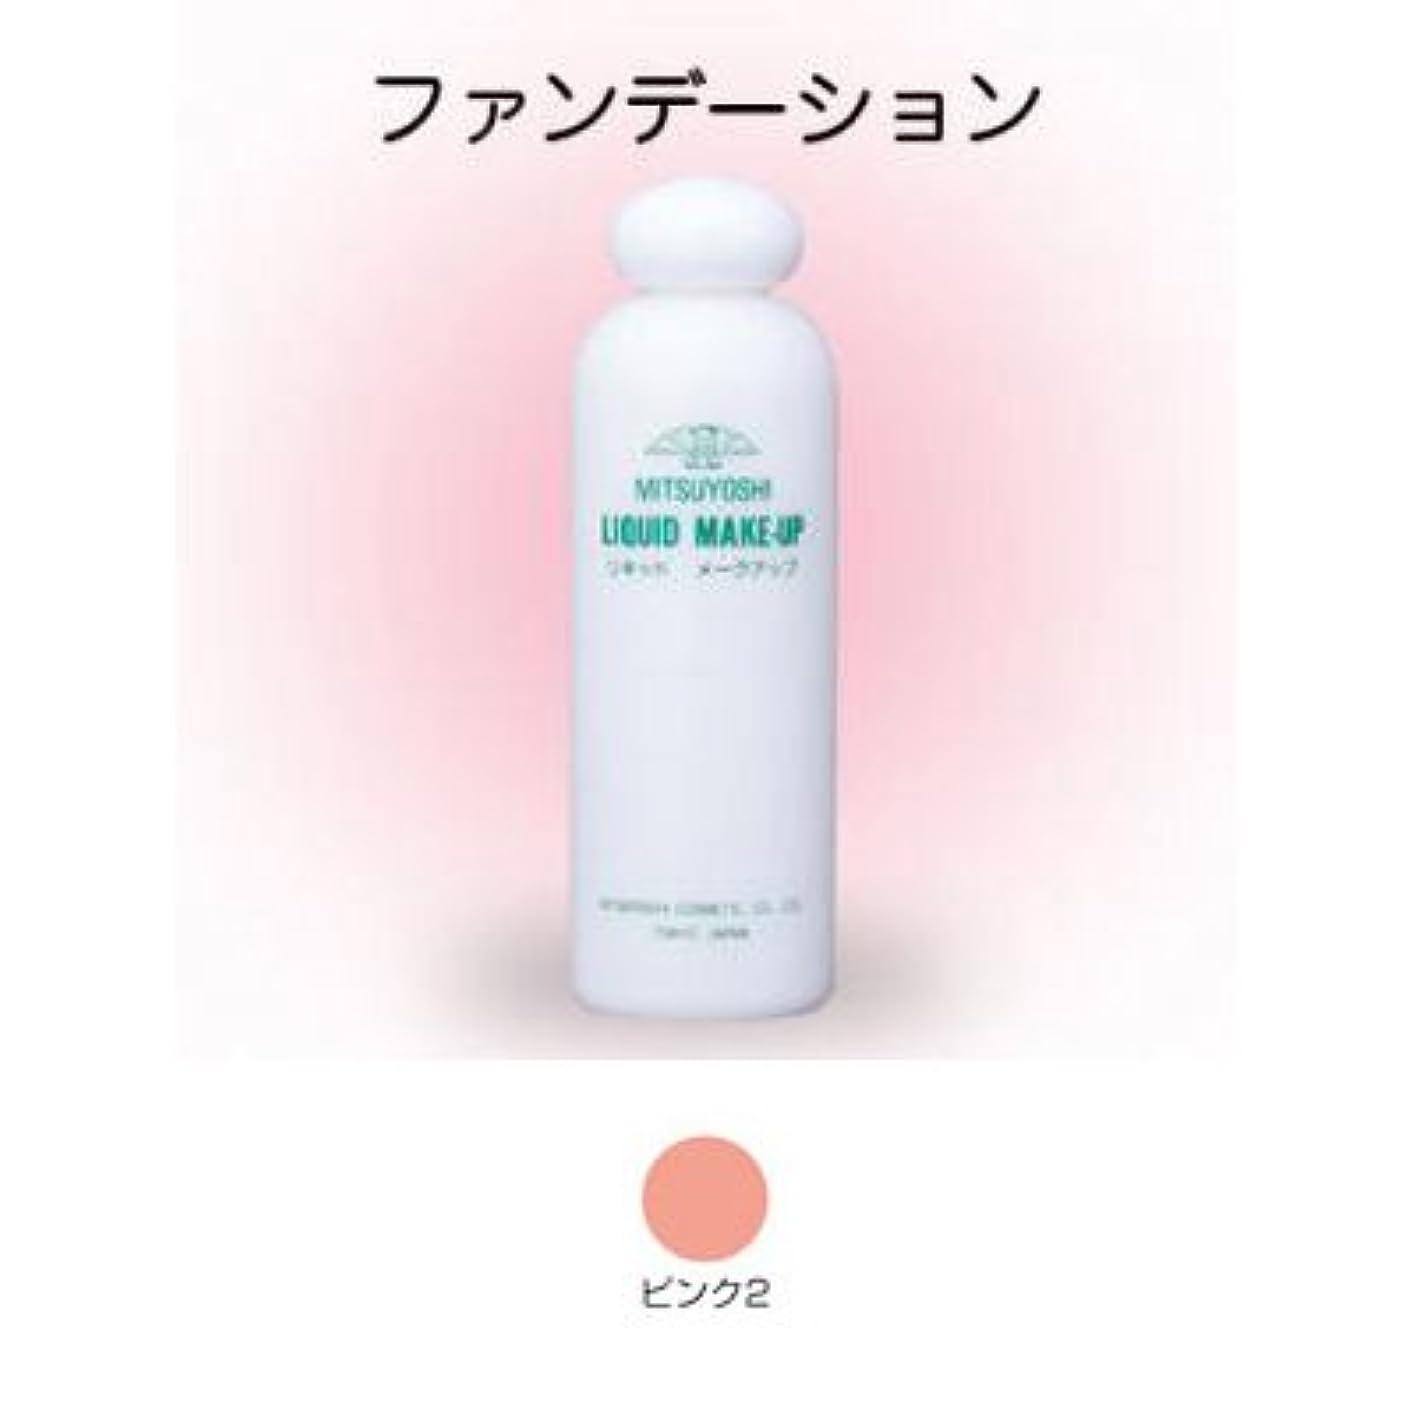 保護輝度熱意リキッドメークアップ 200ml ピンク2 【三善】